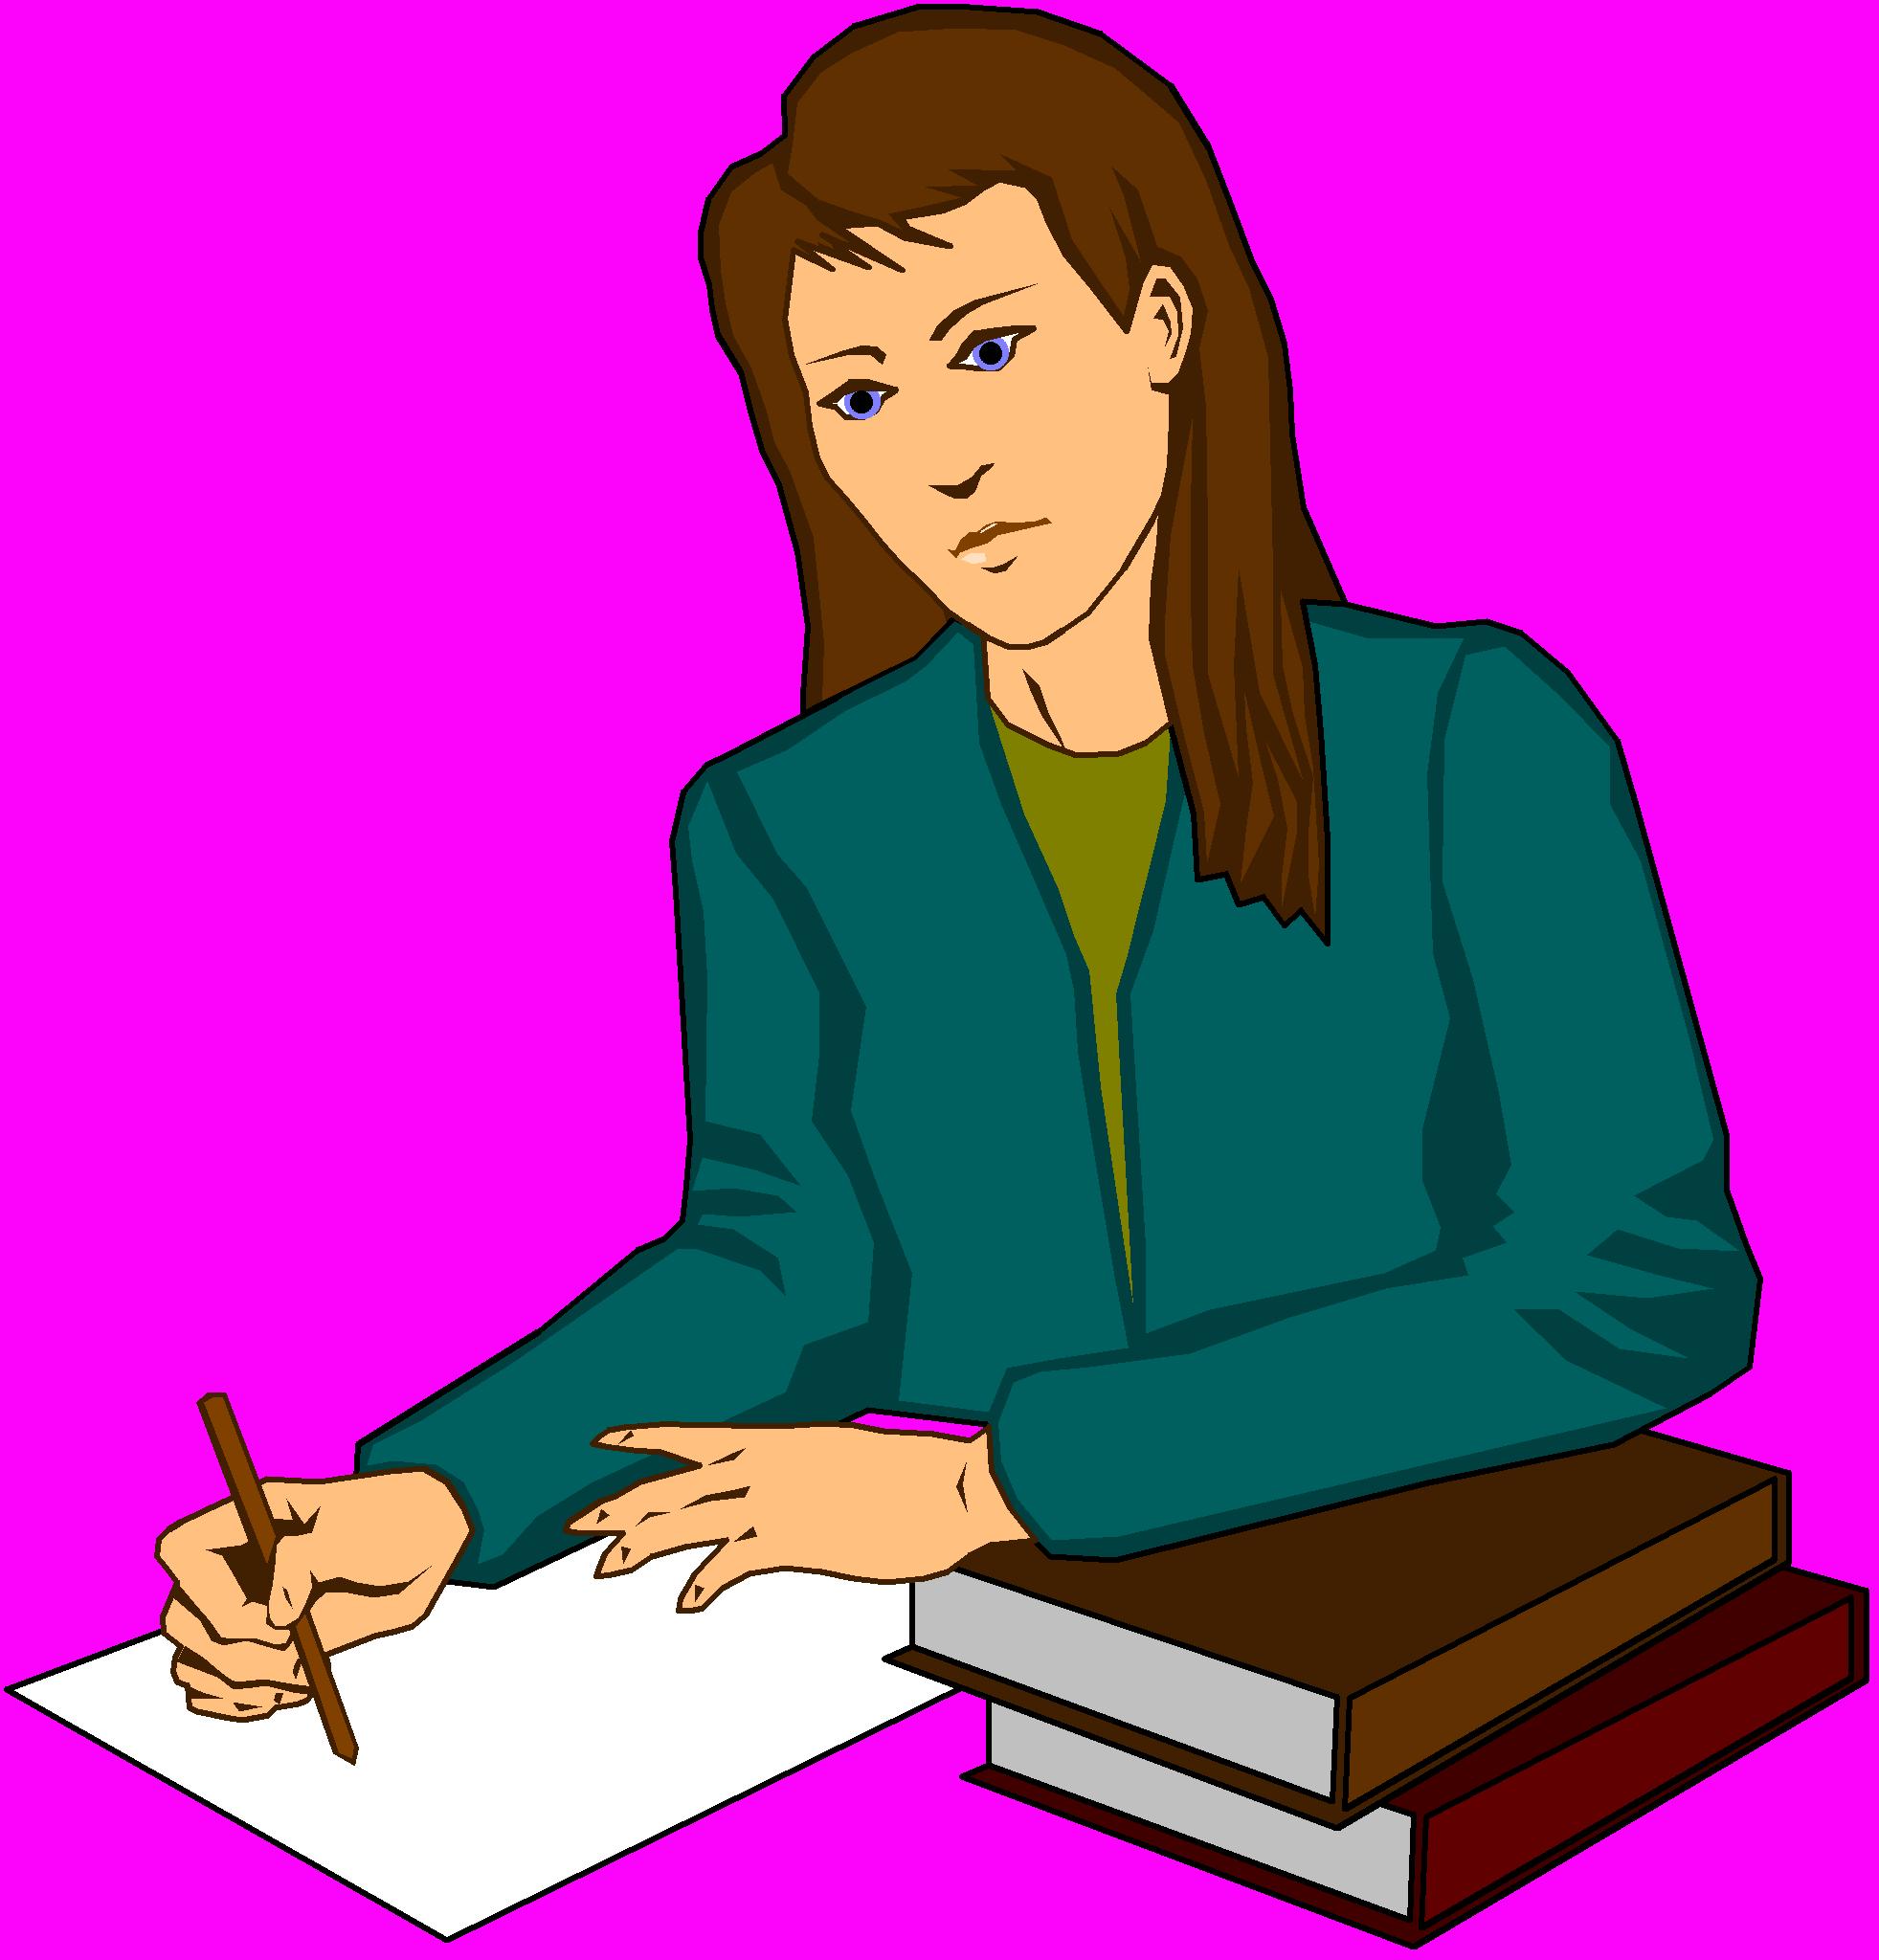 День независимости, картинки об учителе анимации